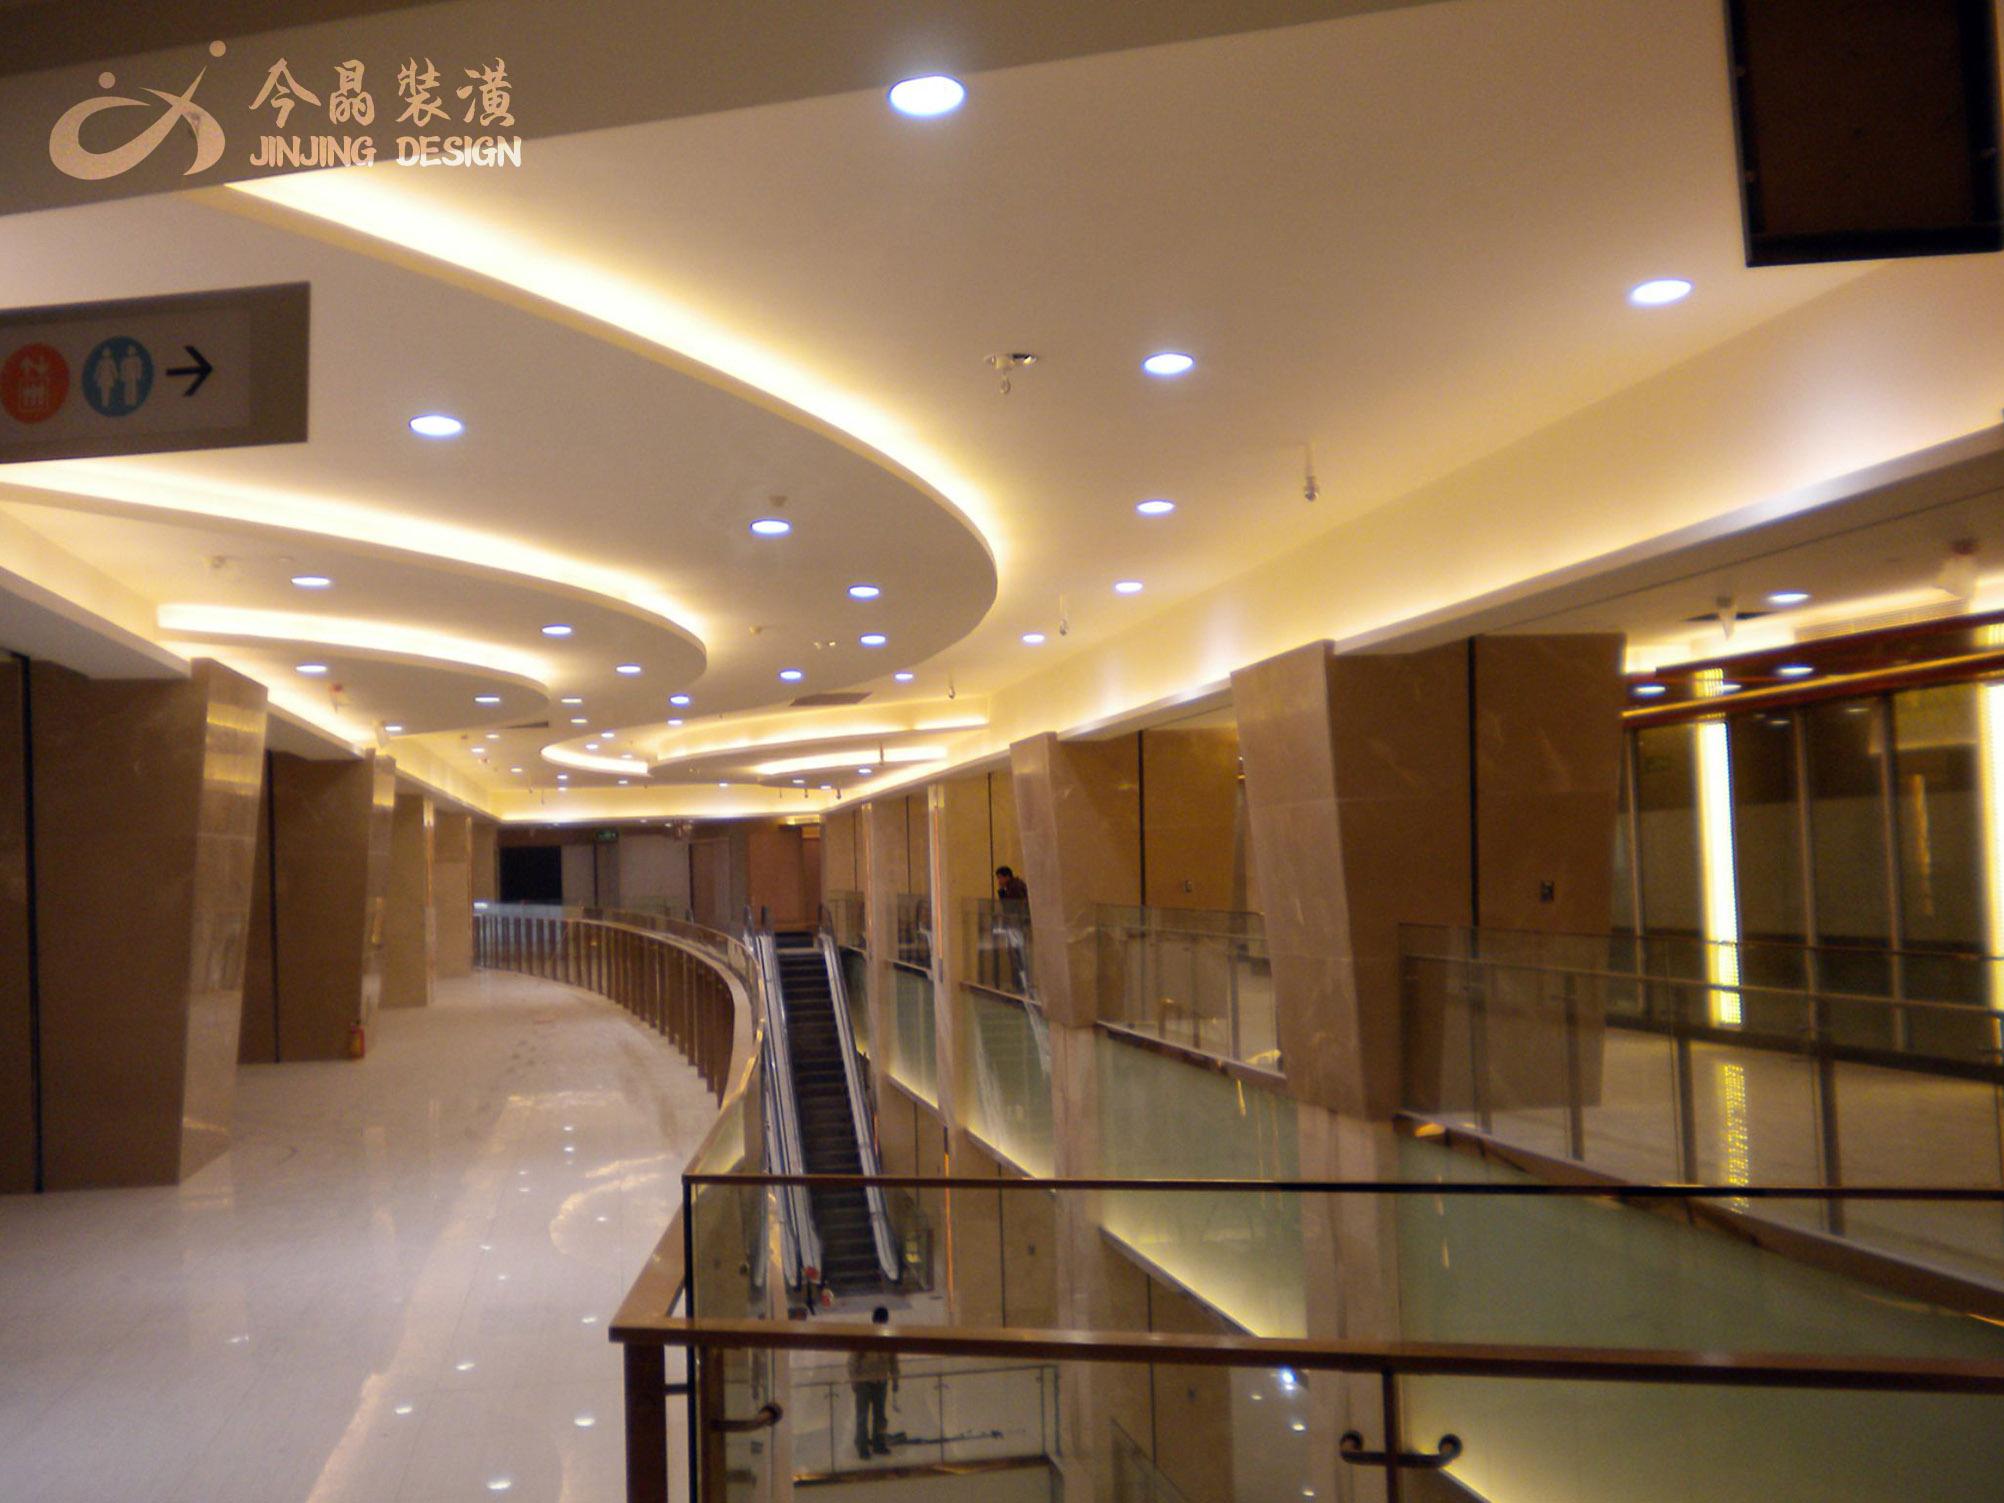 弘基现代时尚广场